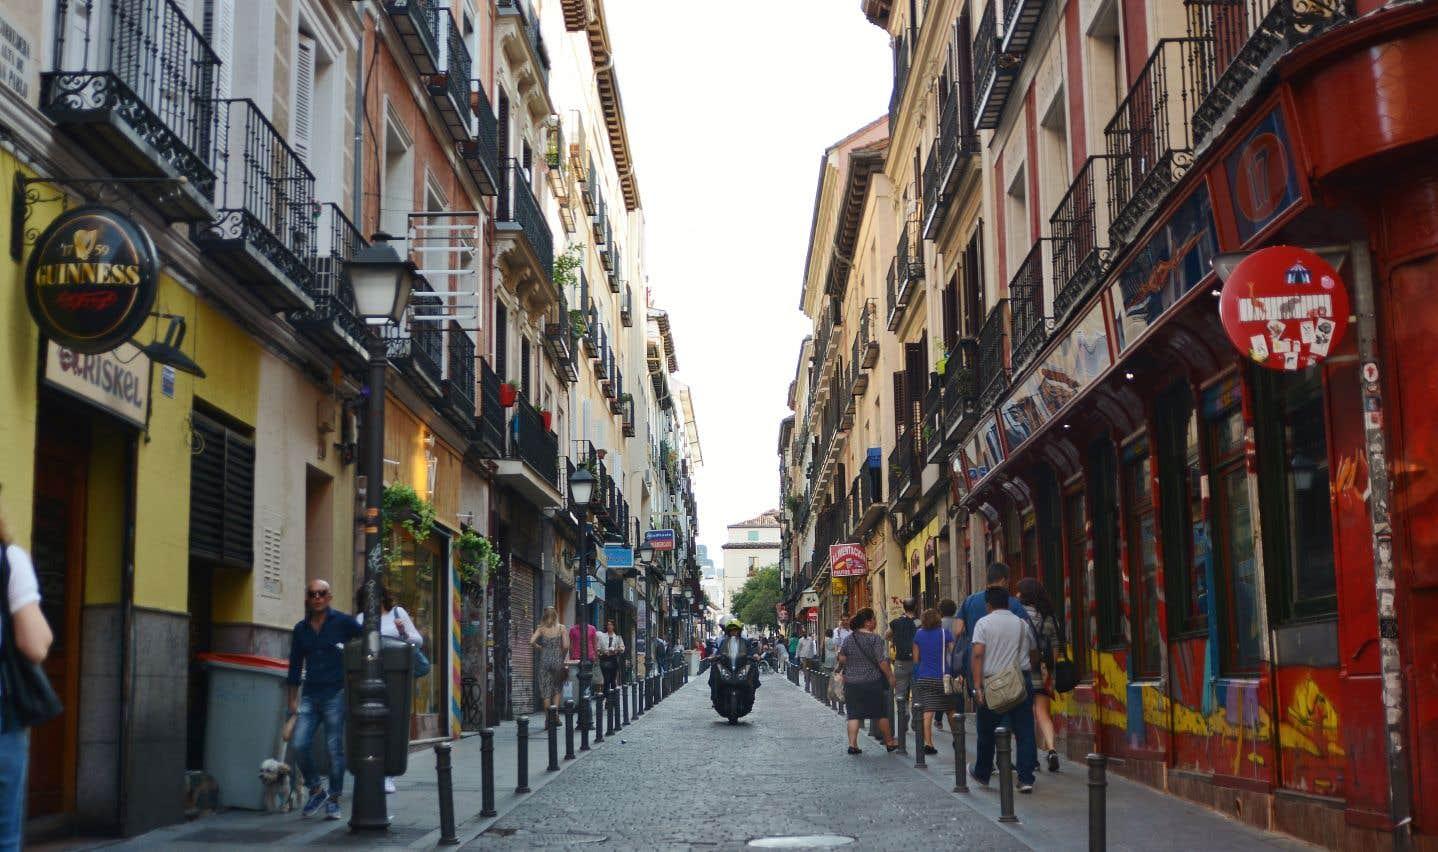 La «calle» de San Vicente Ferrer, un havre de calme dans la frénésie madrilène